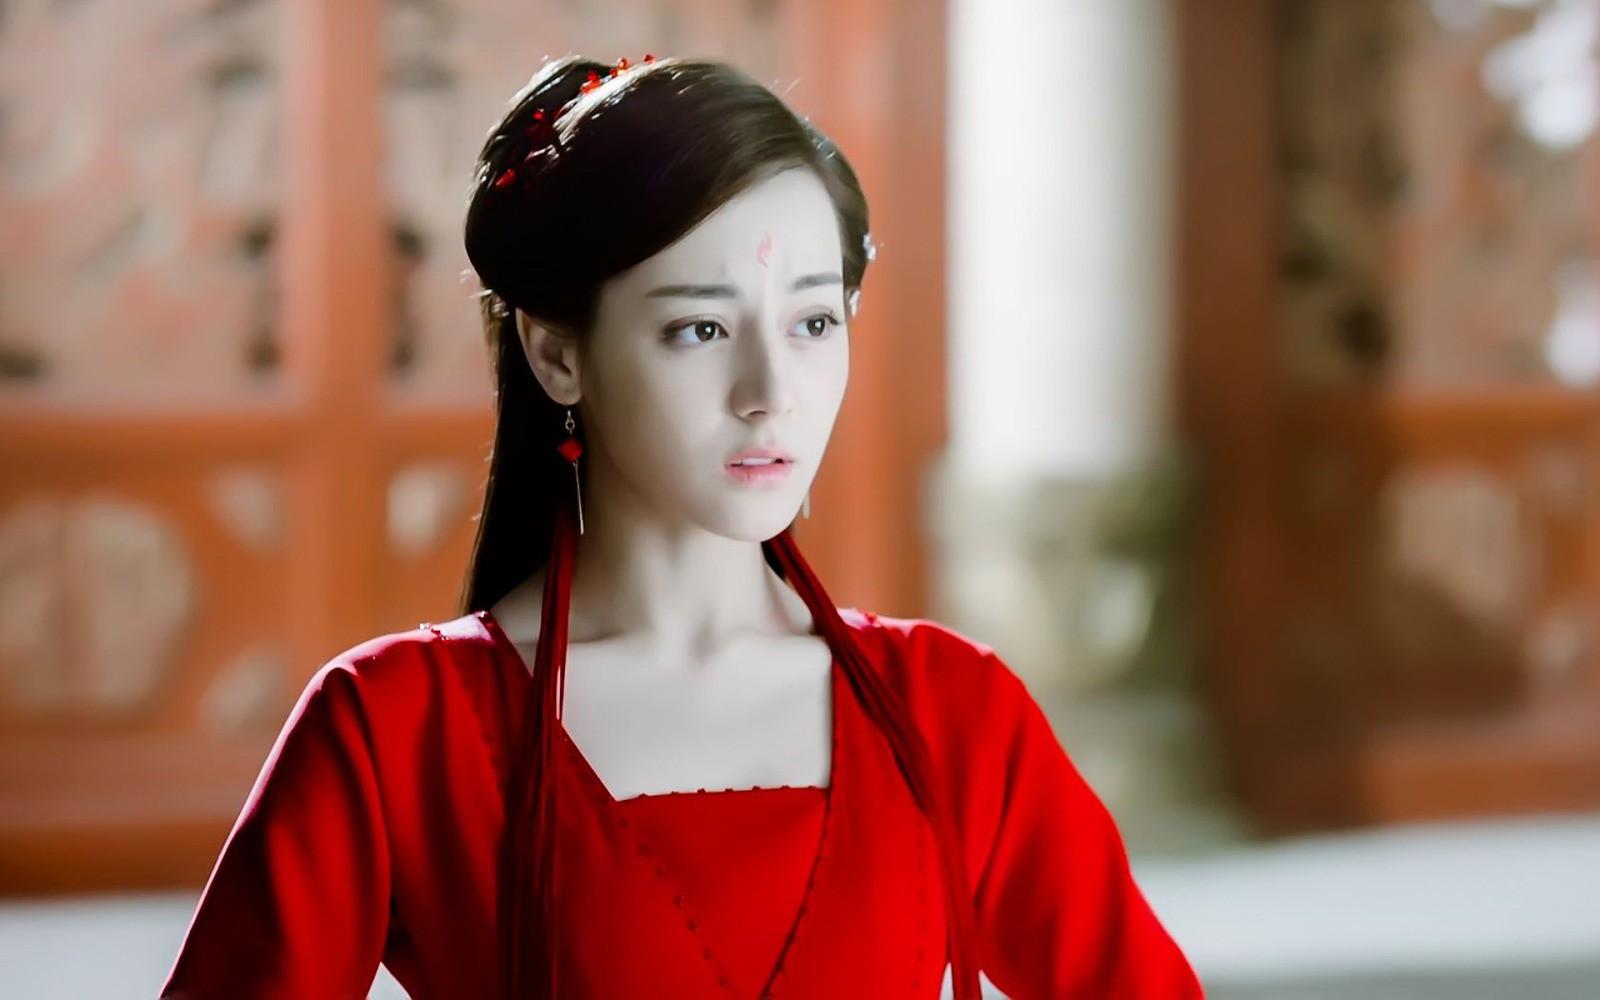 Mỹ nhân đầu tiên trong lịch sử Trung Hoa: Người khiến trái tim cả 6 bậc quân vương phải rung động và hết lòng chiều chuộng - Ảnh 3.